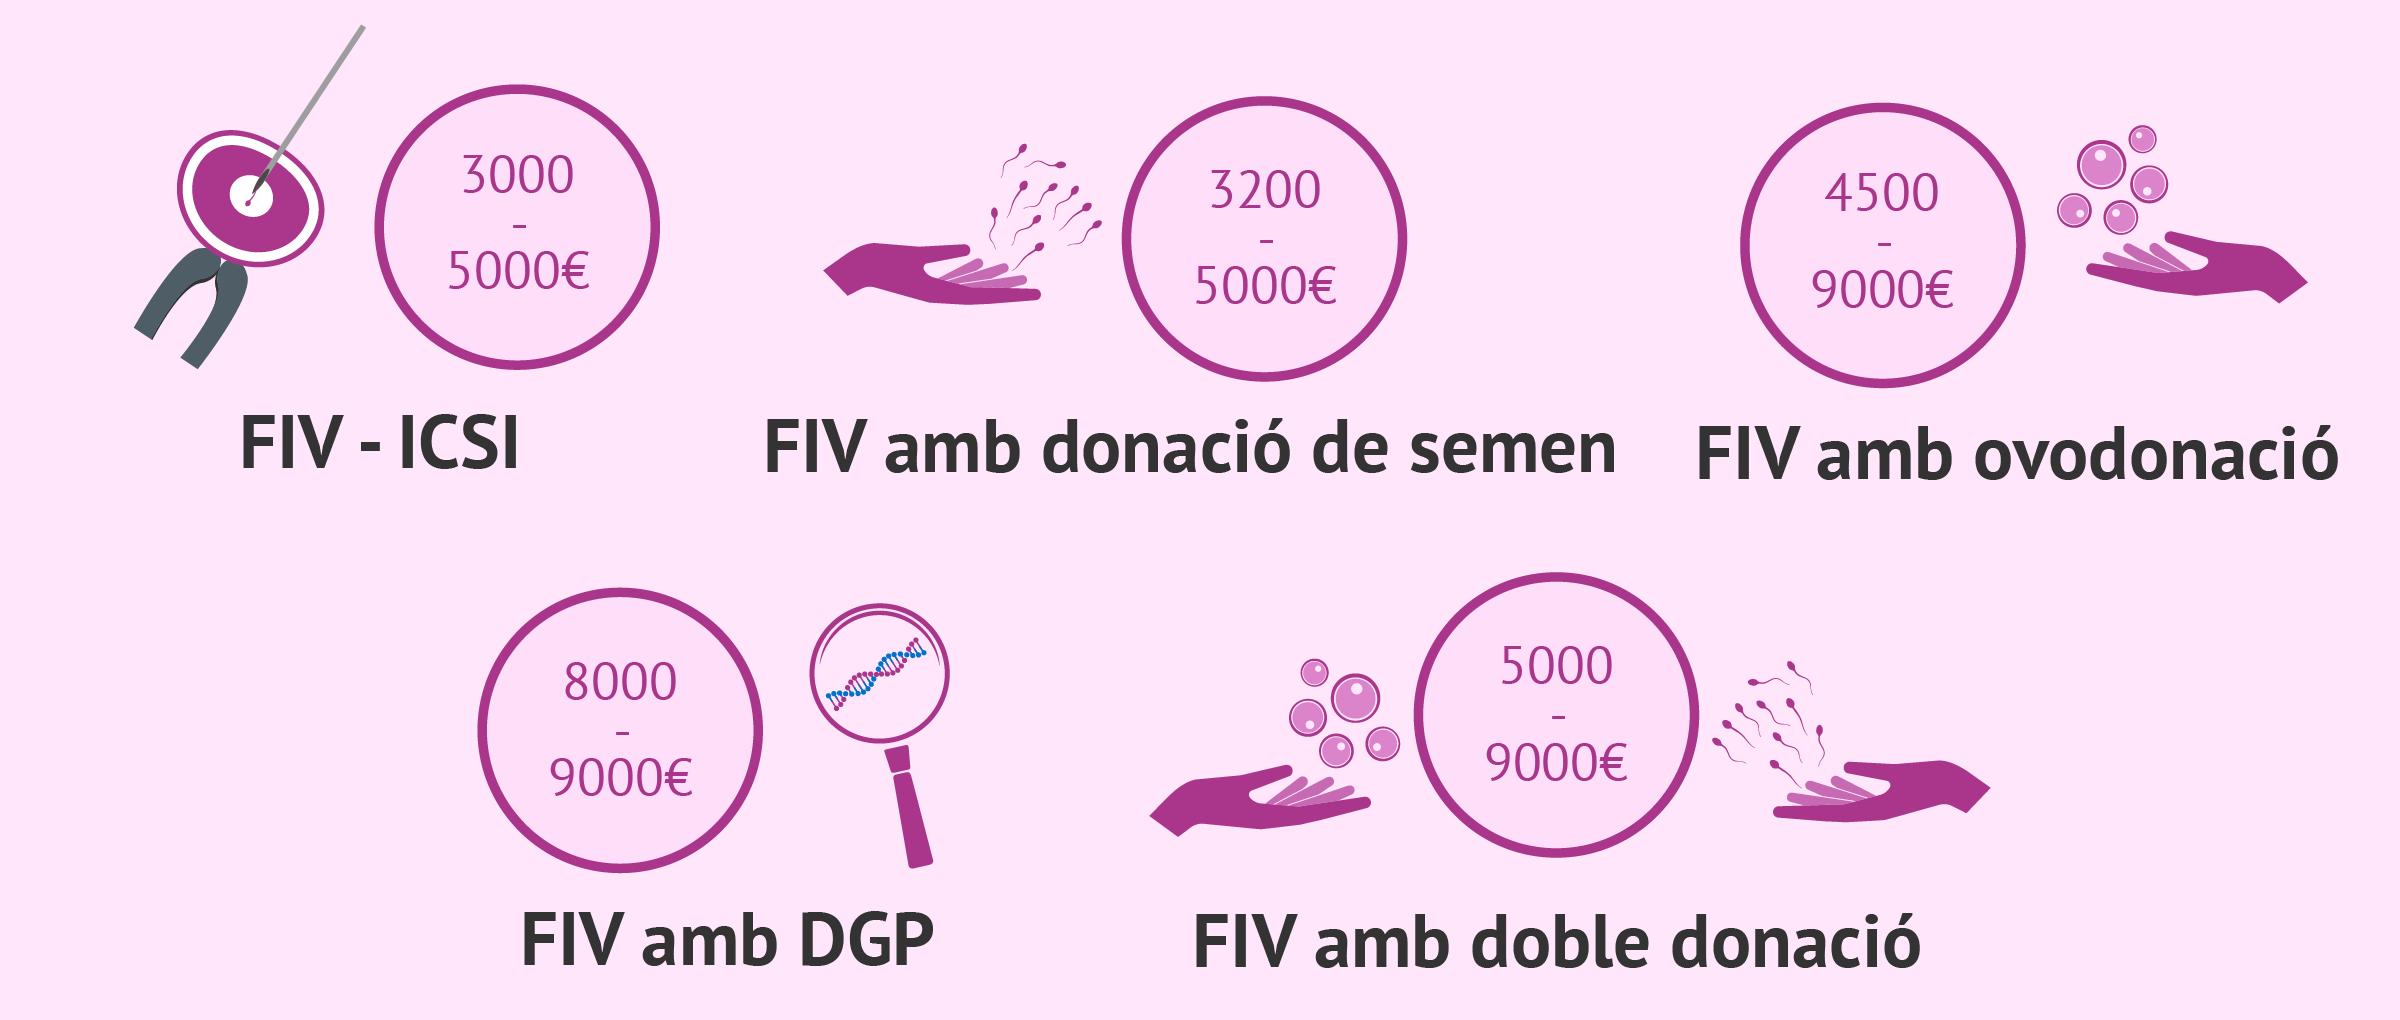 Preus en reproducció assistida: inseminació artificial i FIV